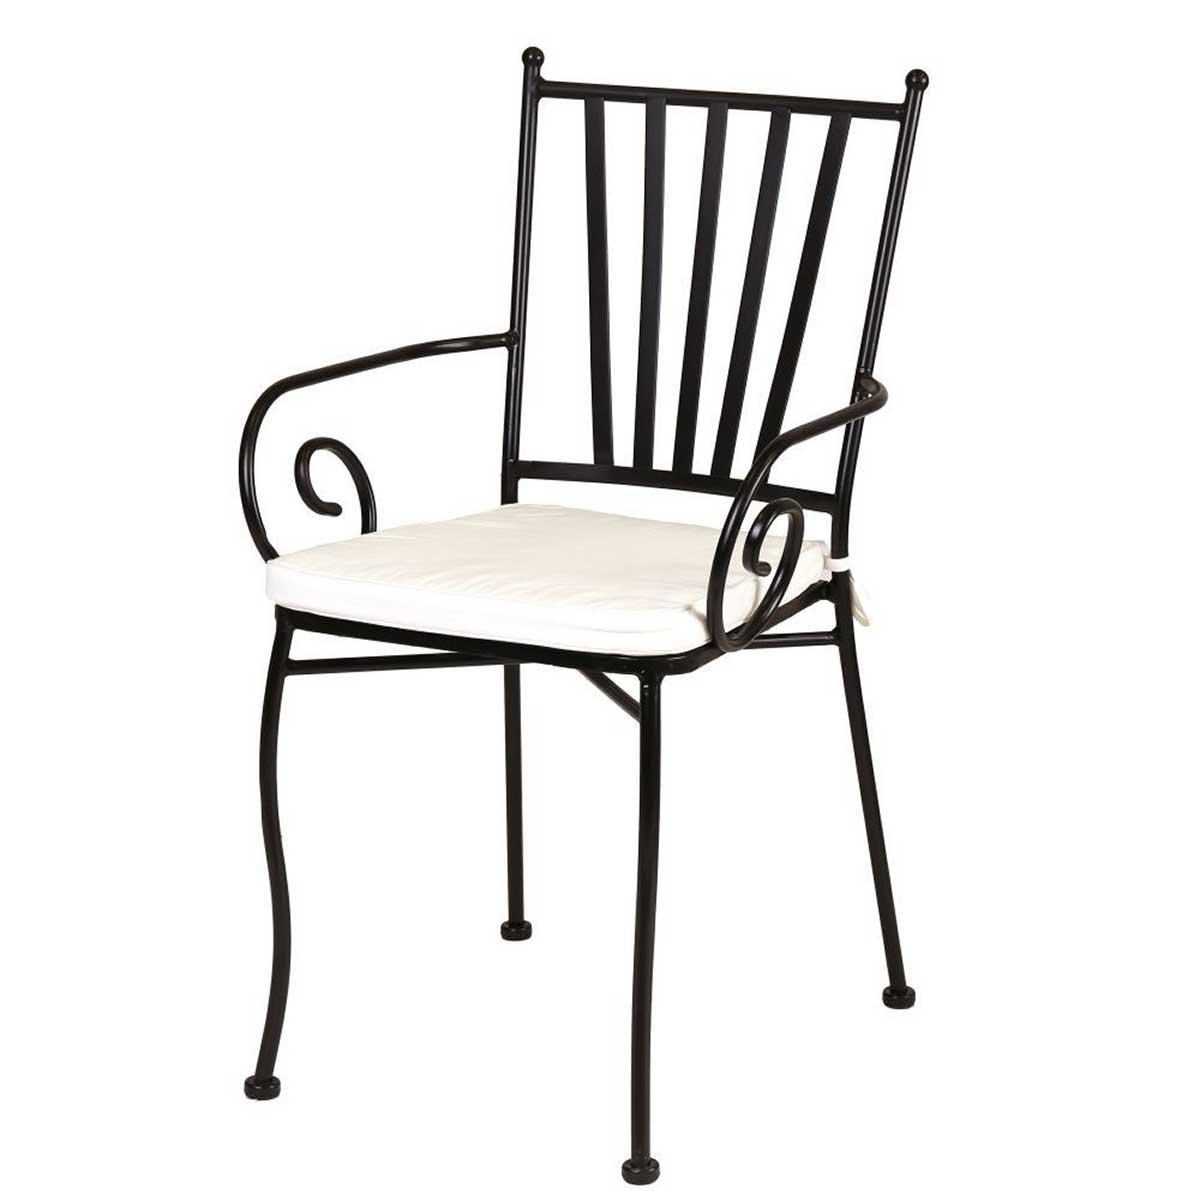 Chaise à bras en fer forgé - Fer forgé - 40.00 cm x 53.00 cm x 90.00 cm